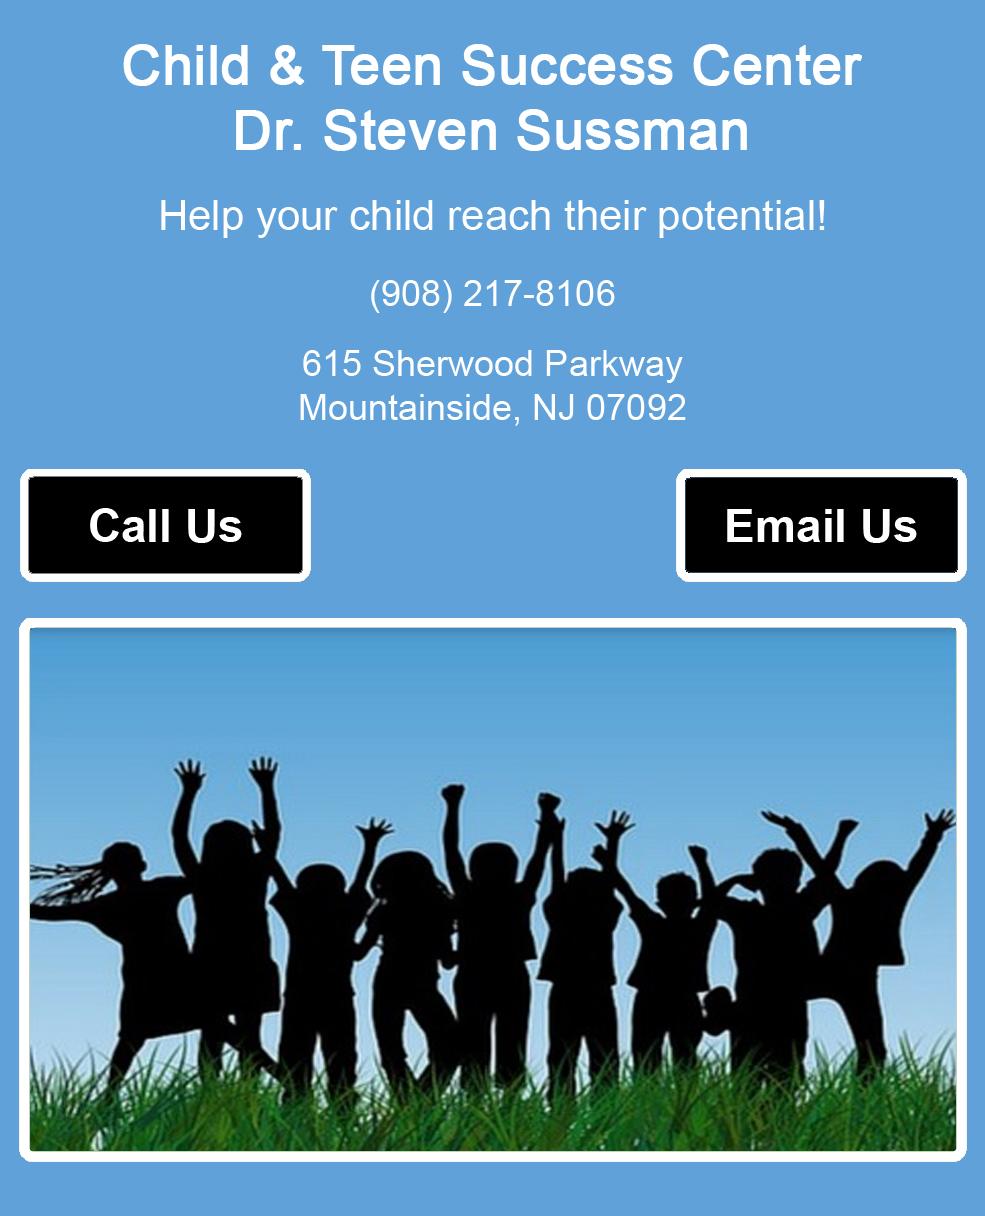 Dr Steven Sussman Staten Island